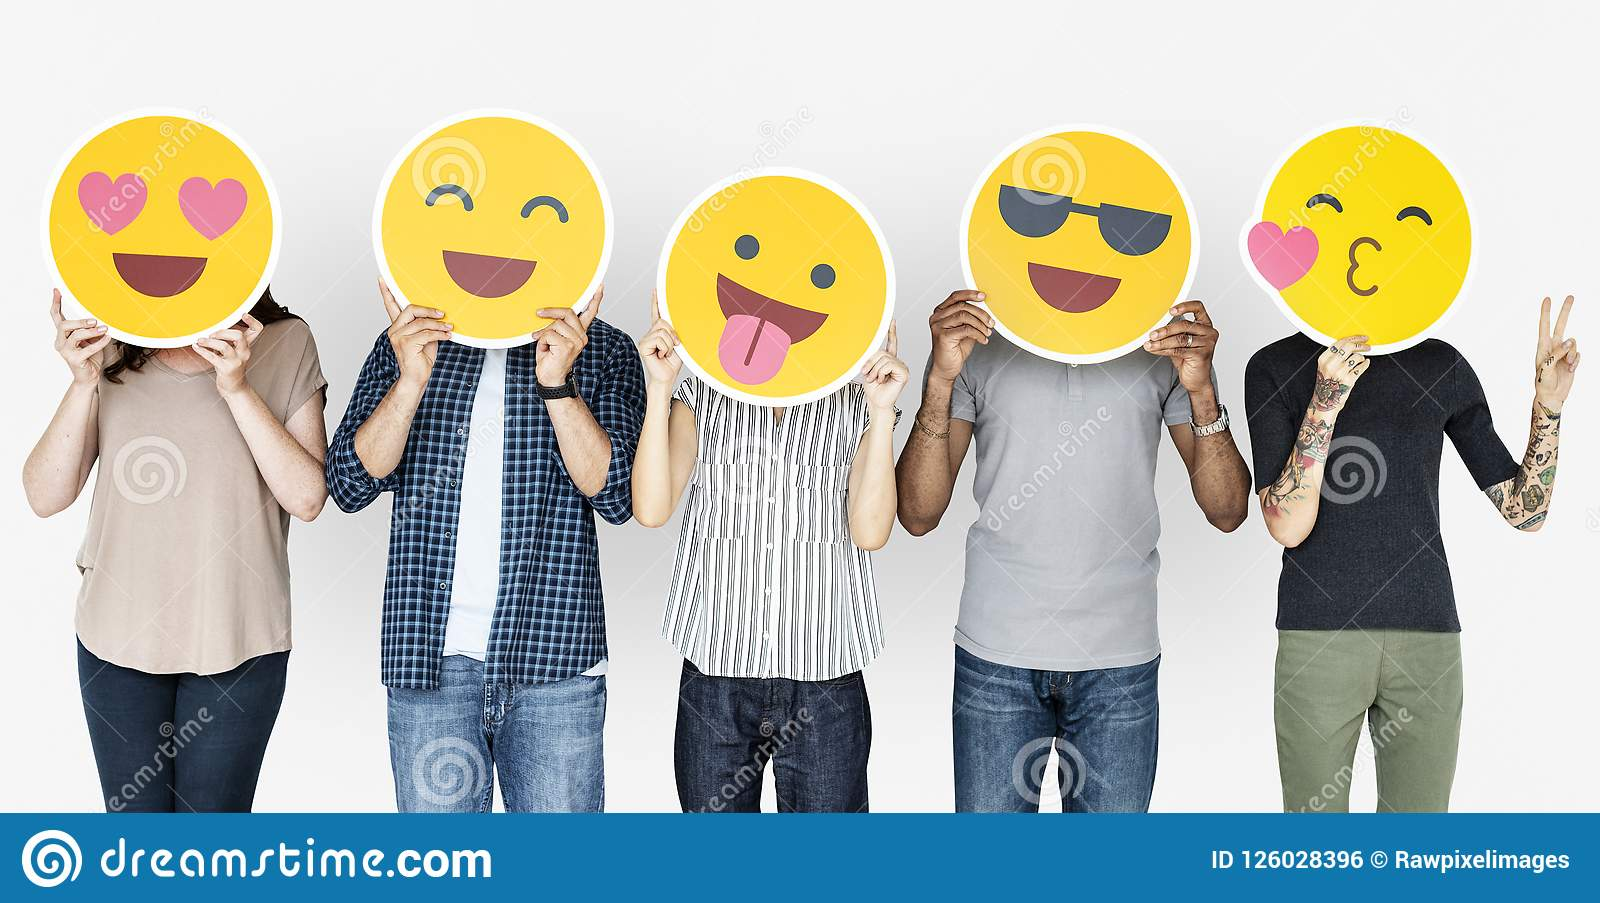 Διαφορετικοί άνθρωποι που κρατούν τα ευτυχή emoticons